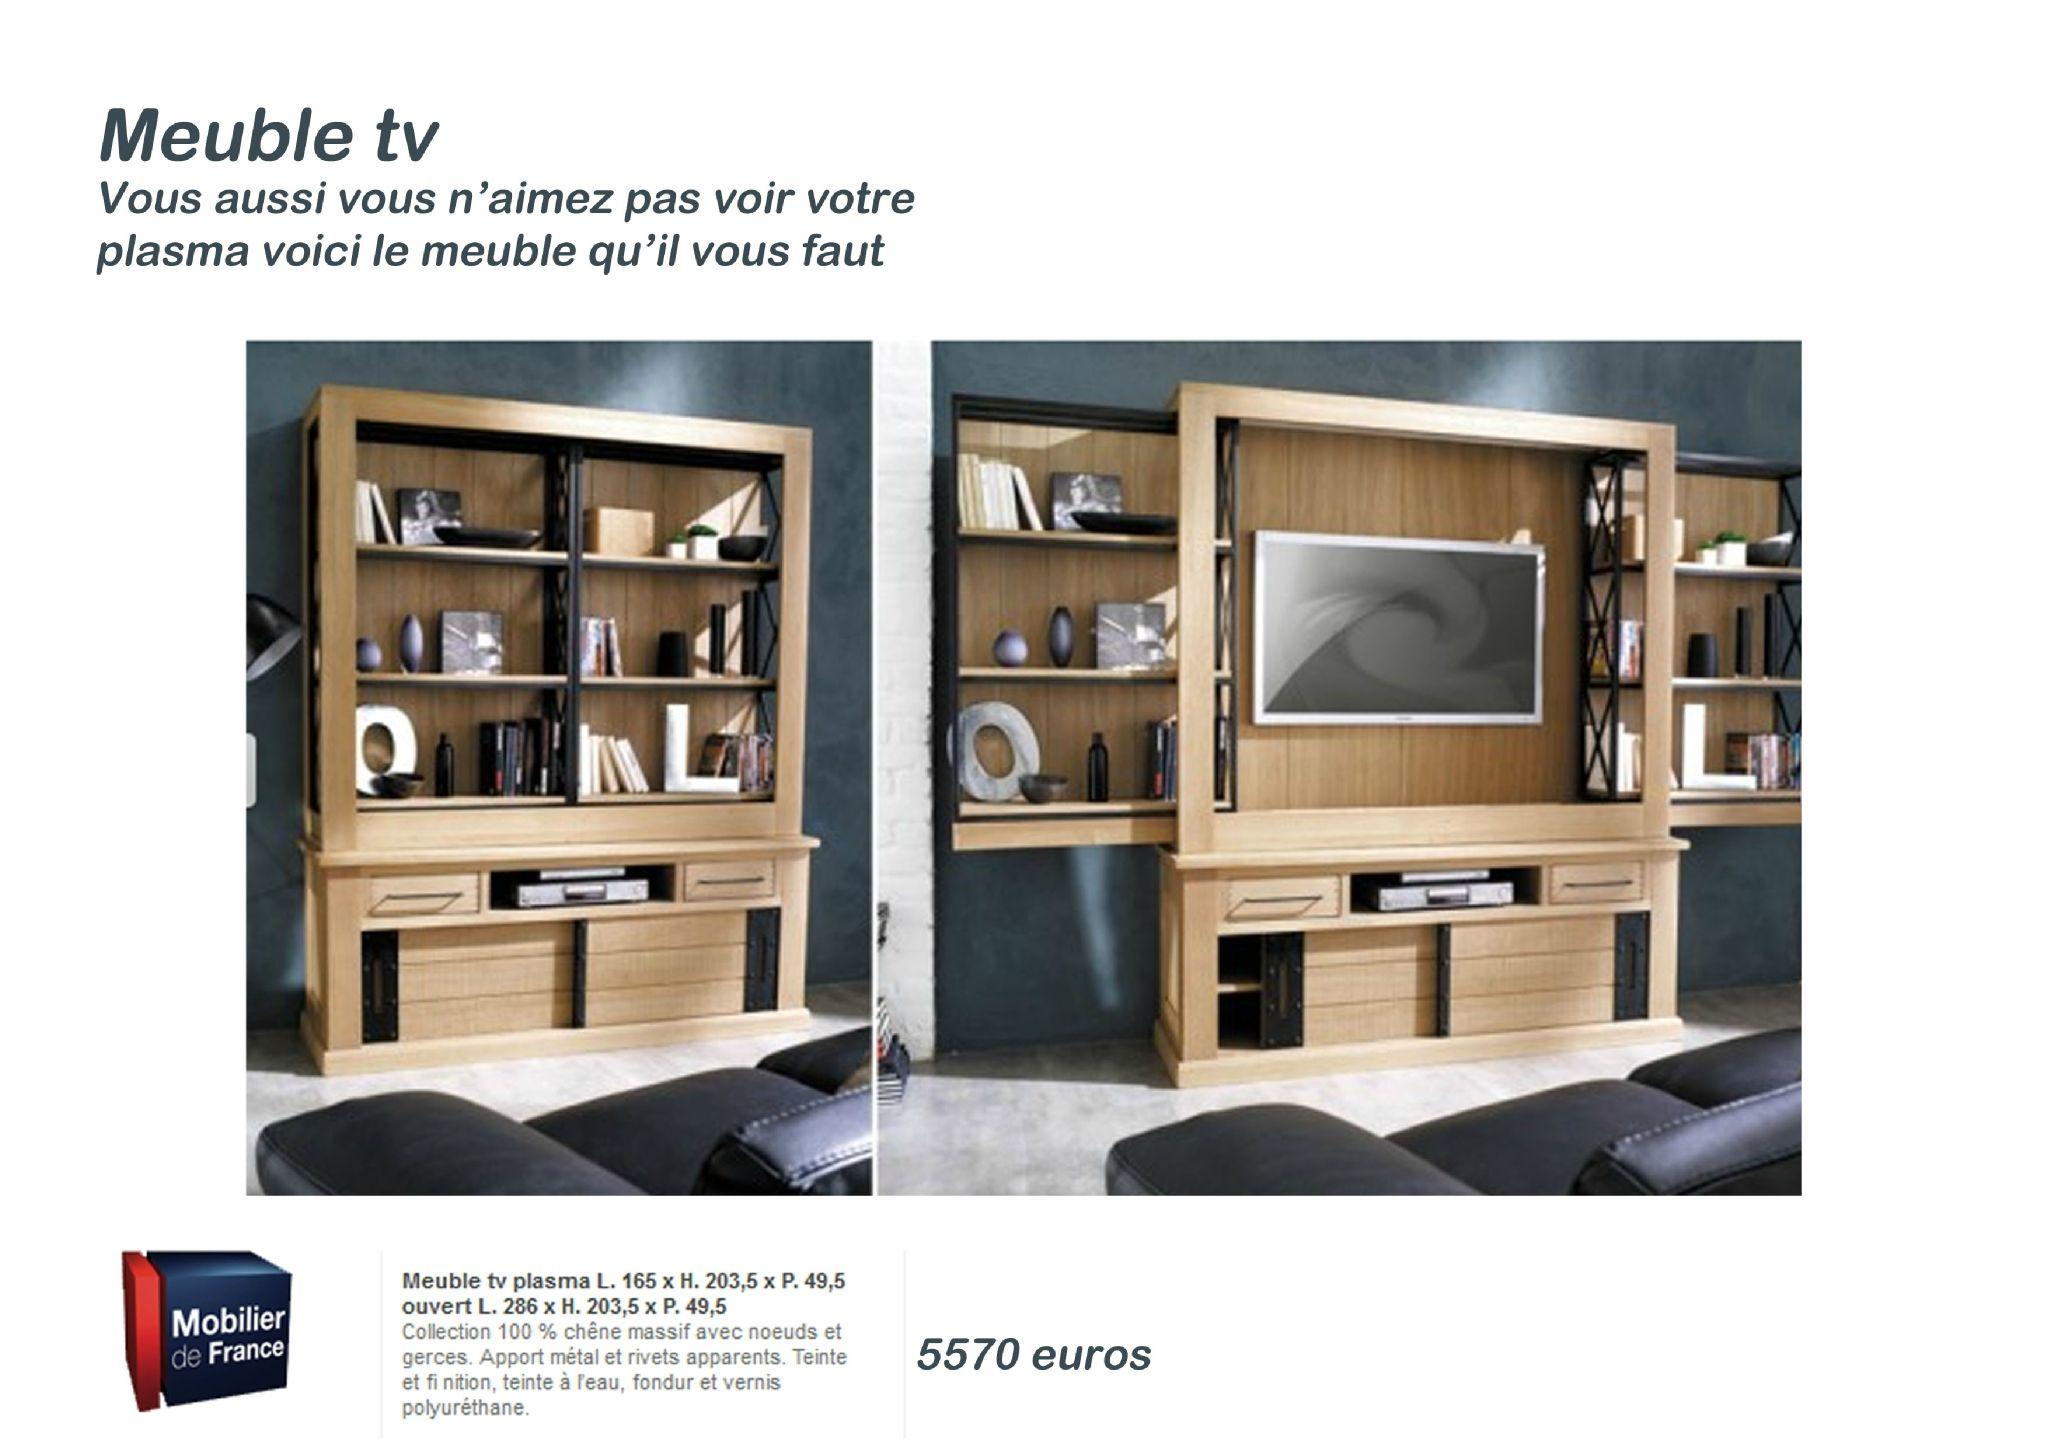 00394fb6c75f647902e1bdaf29b34d6e Frais De Meuble Tele Cdiscount Des Idées